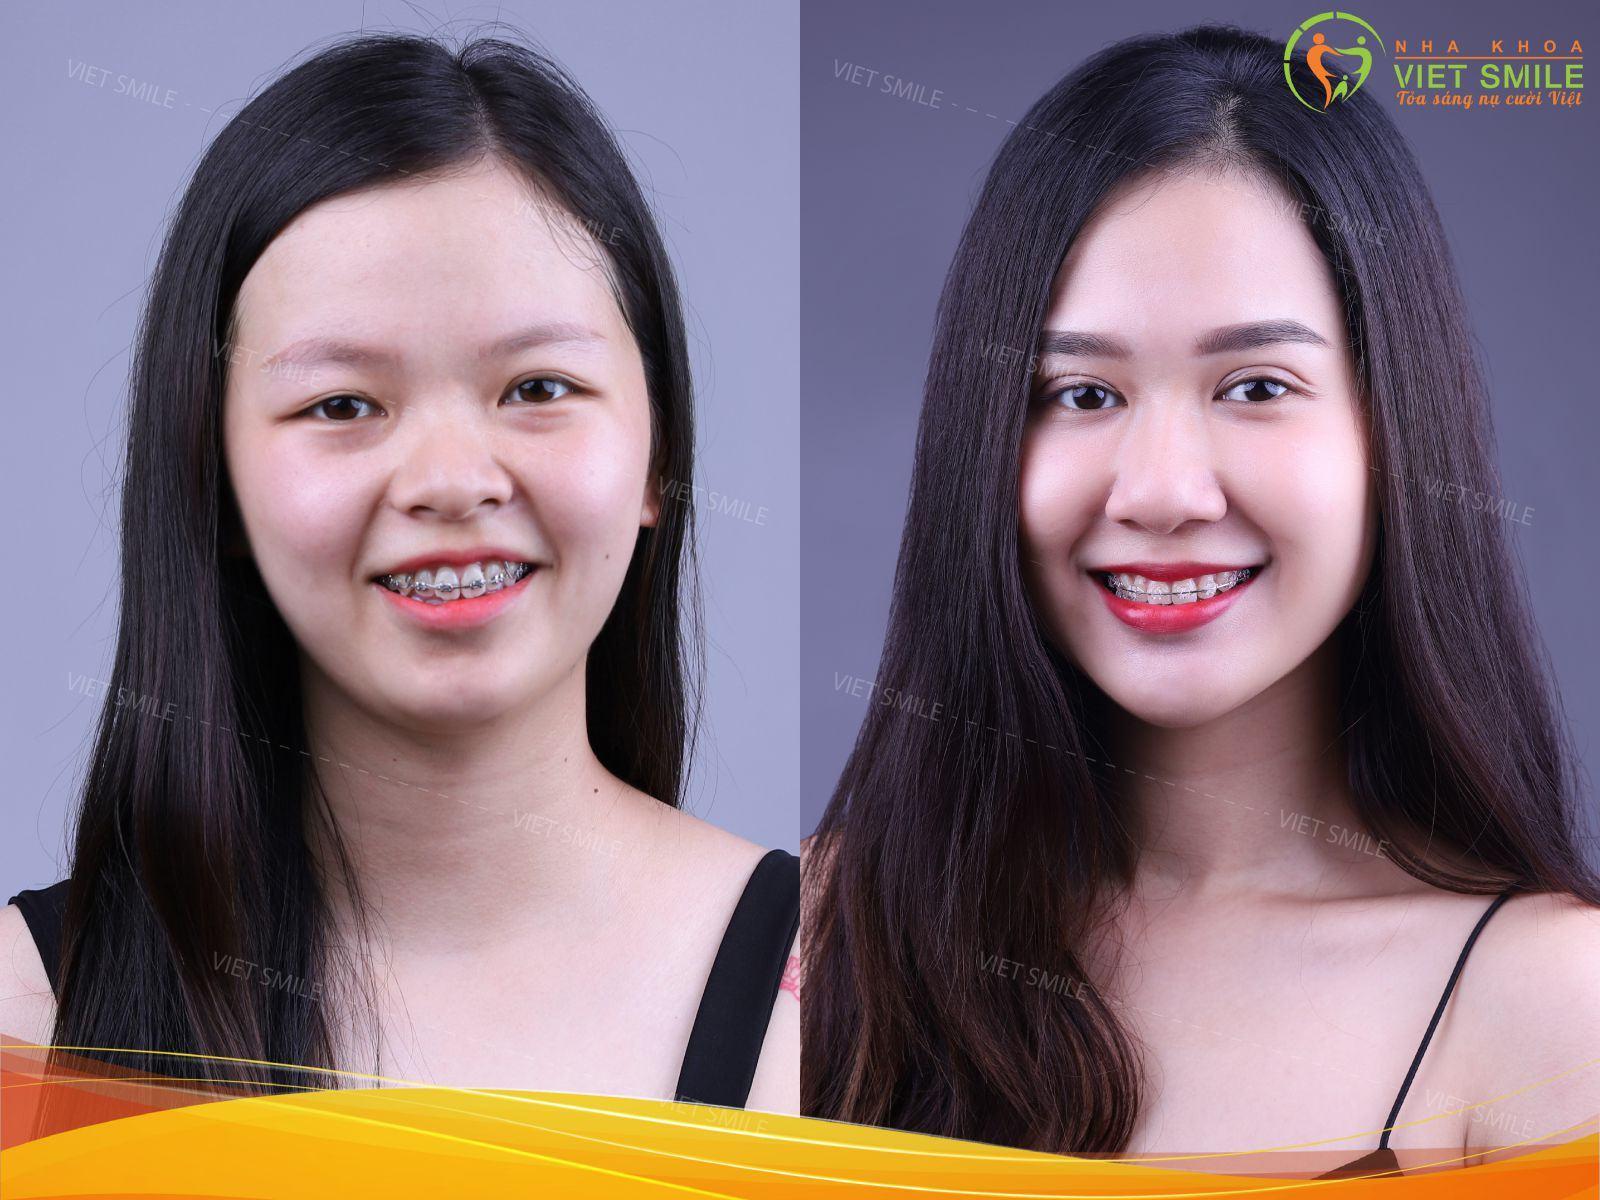 Khách hàng đang niềng răng tại Nha khoa Việt Smile